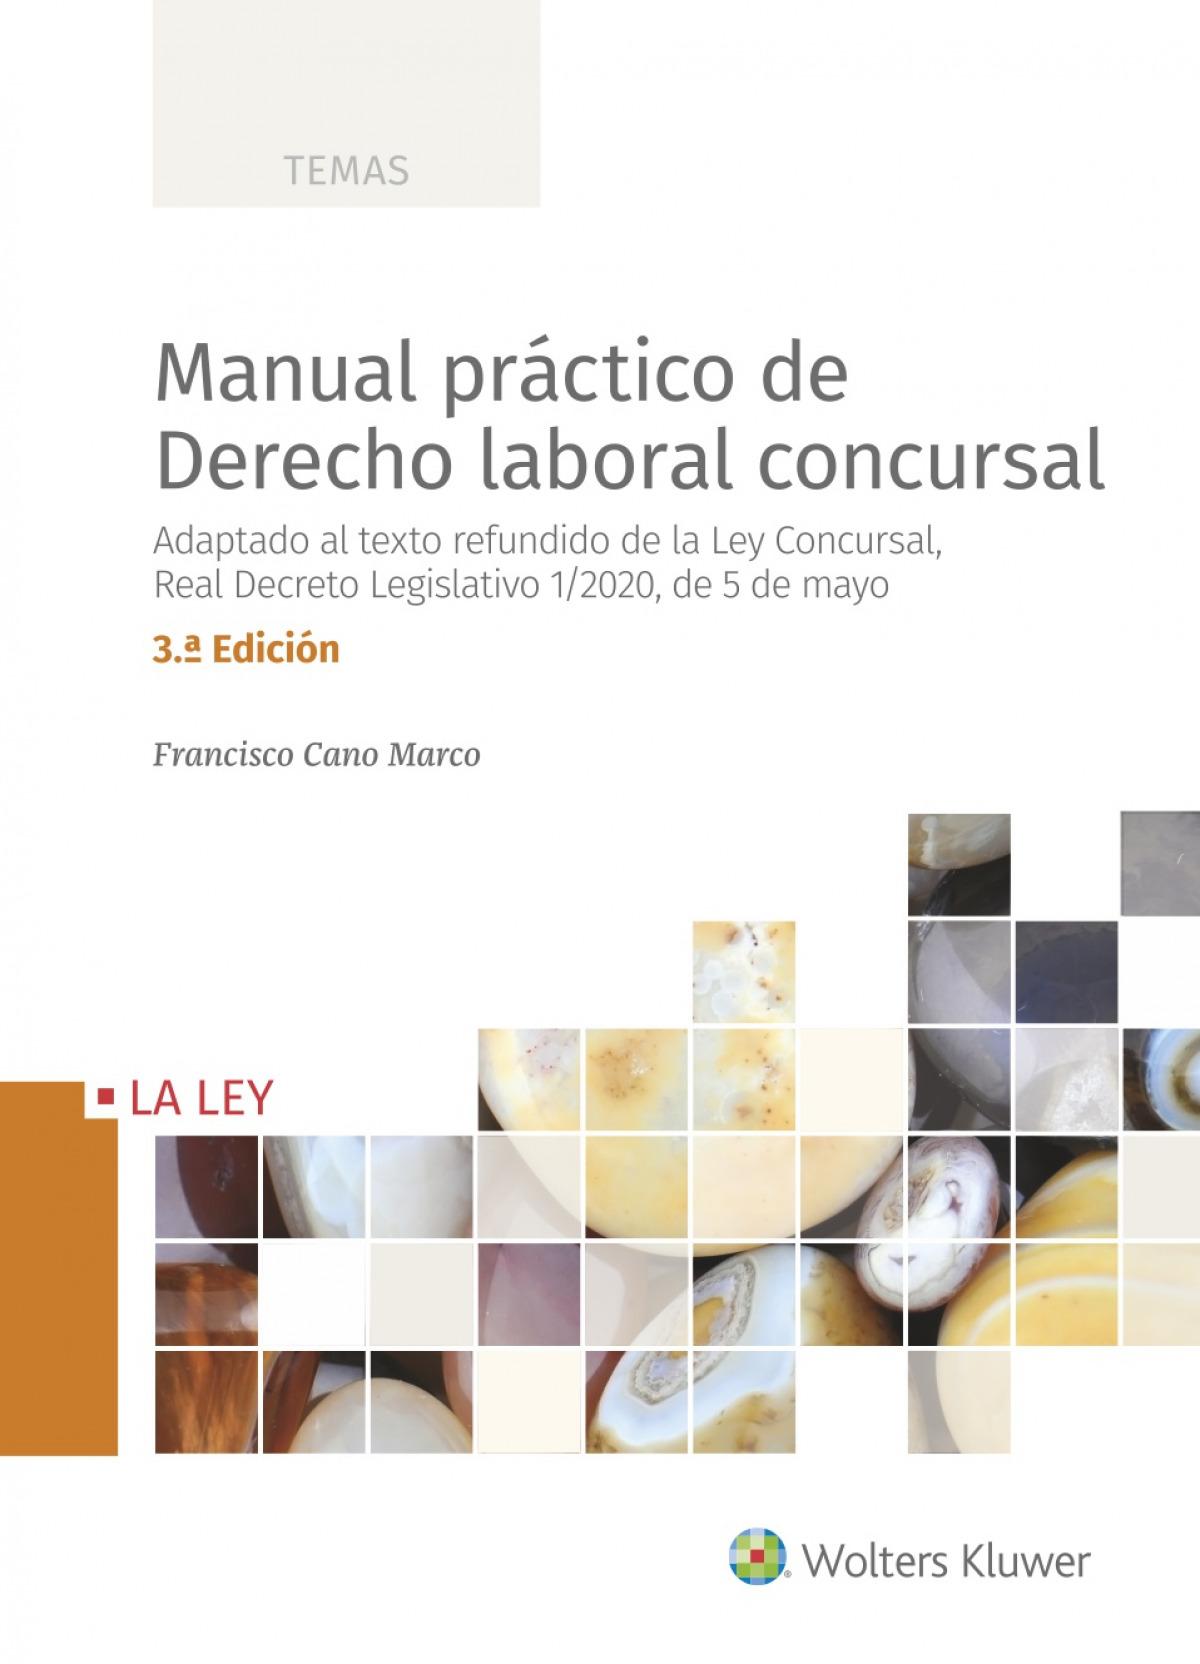 Manual práctico de Derecho laboral concursal (3.a. edición) 9788418349584